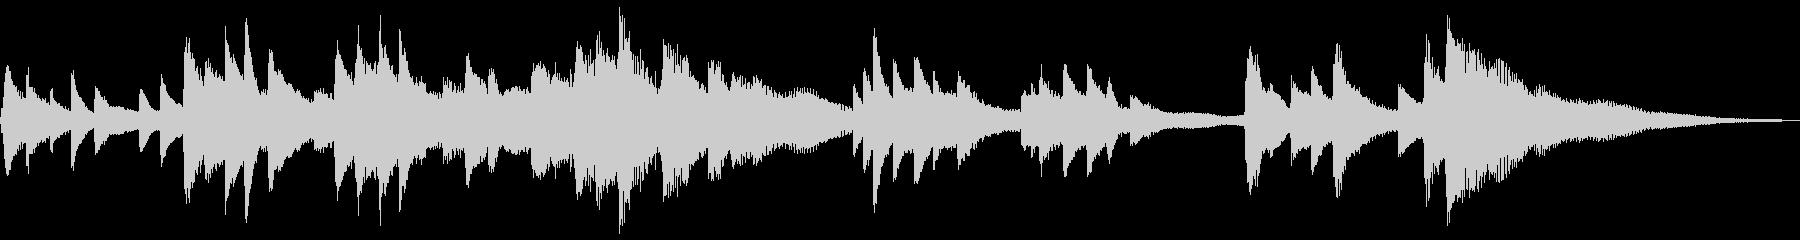 和風のジングル2-ピアノソロの未再生の波形